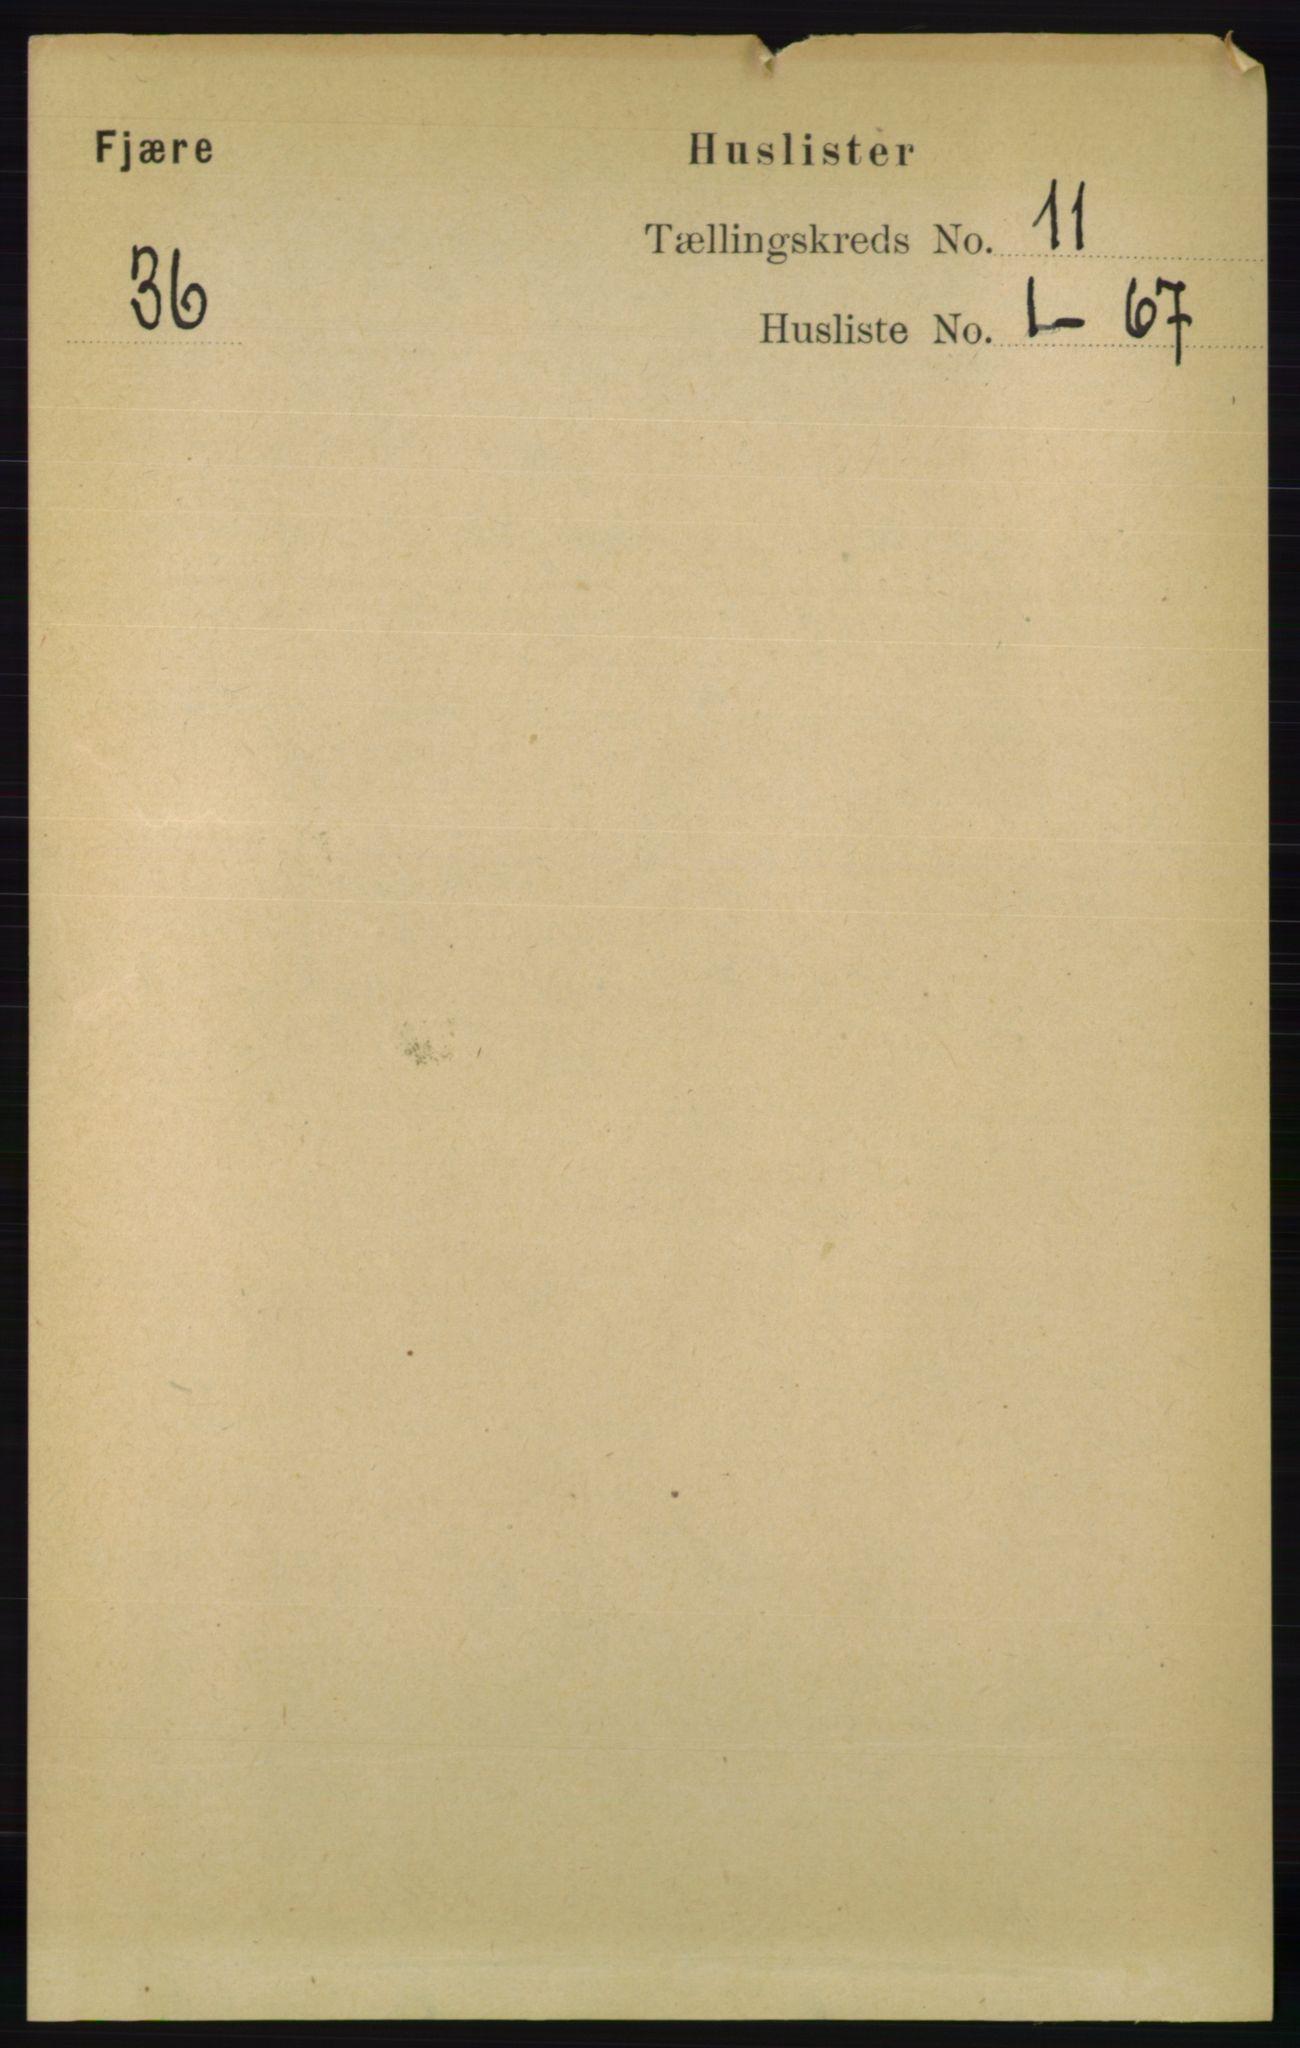 RA, Folketelling 1891 for 0923 Fjære herred, 1891, s. 5459